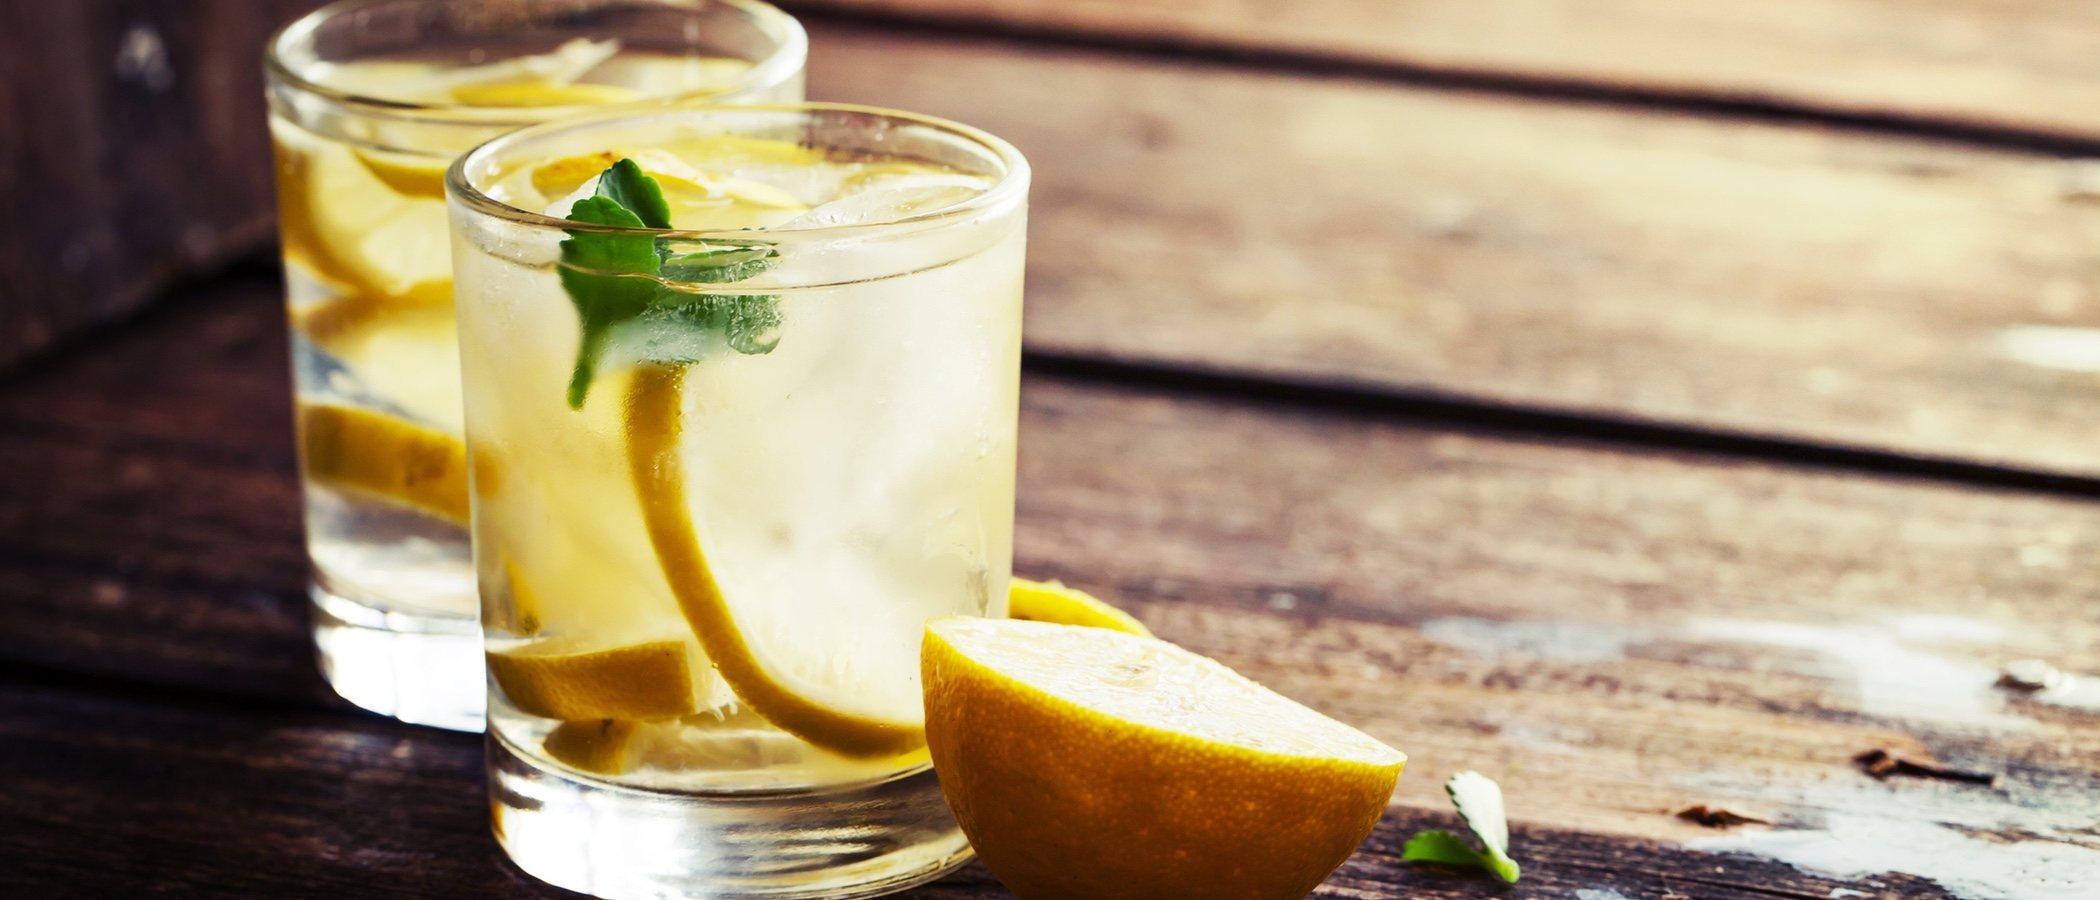 El agua tibia con limón, una fuente de belleza